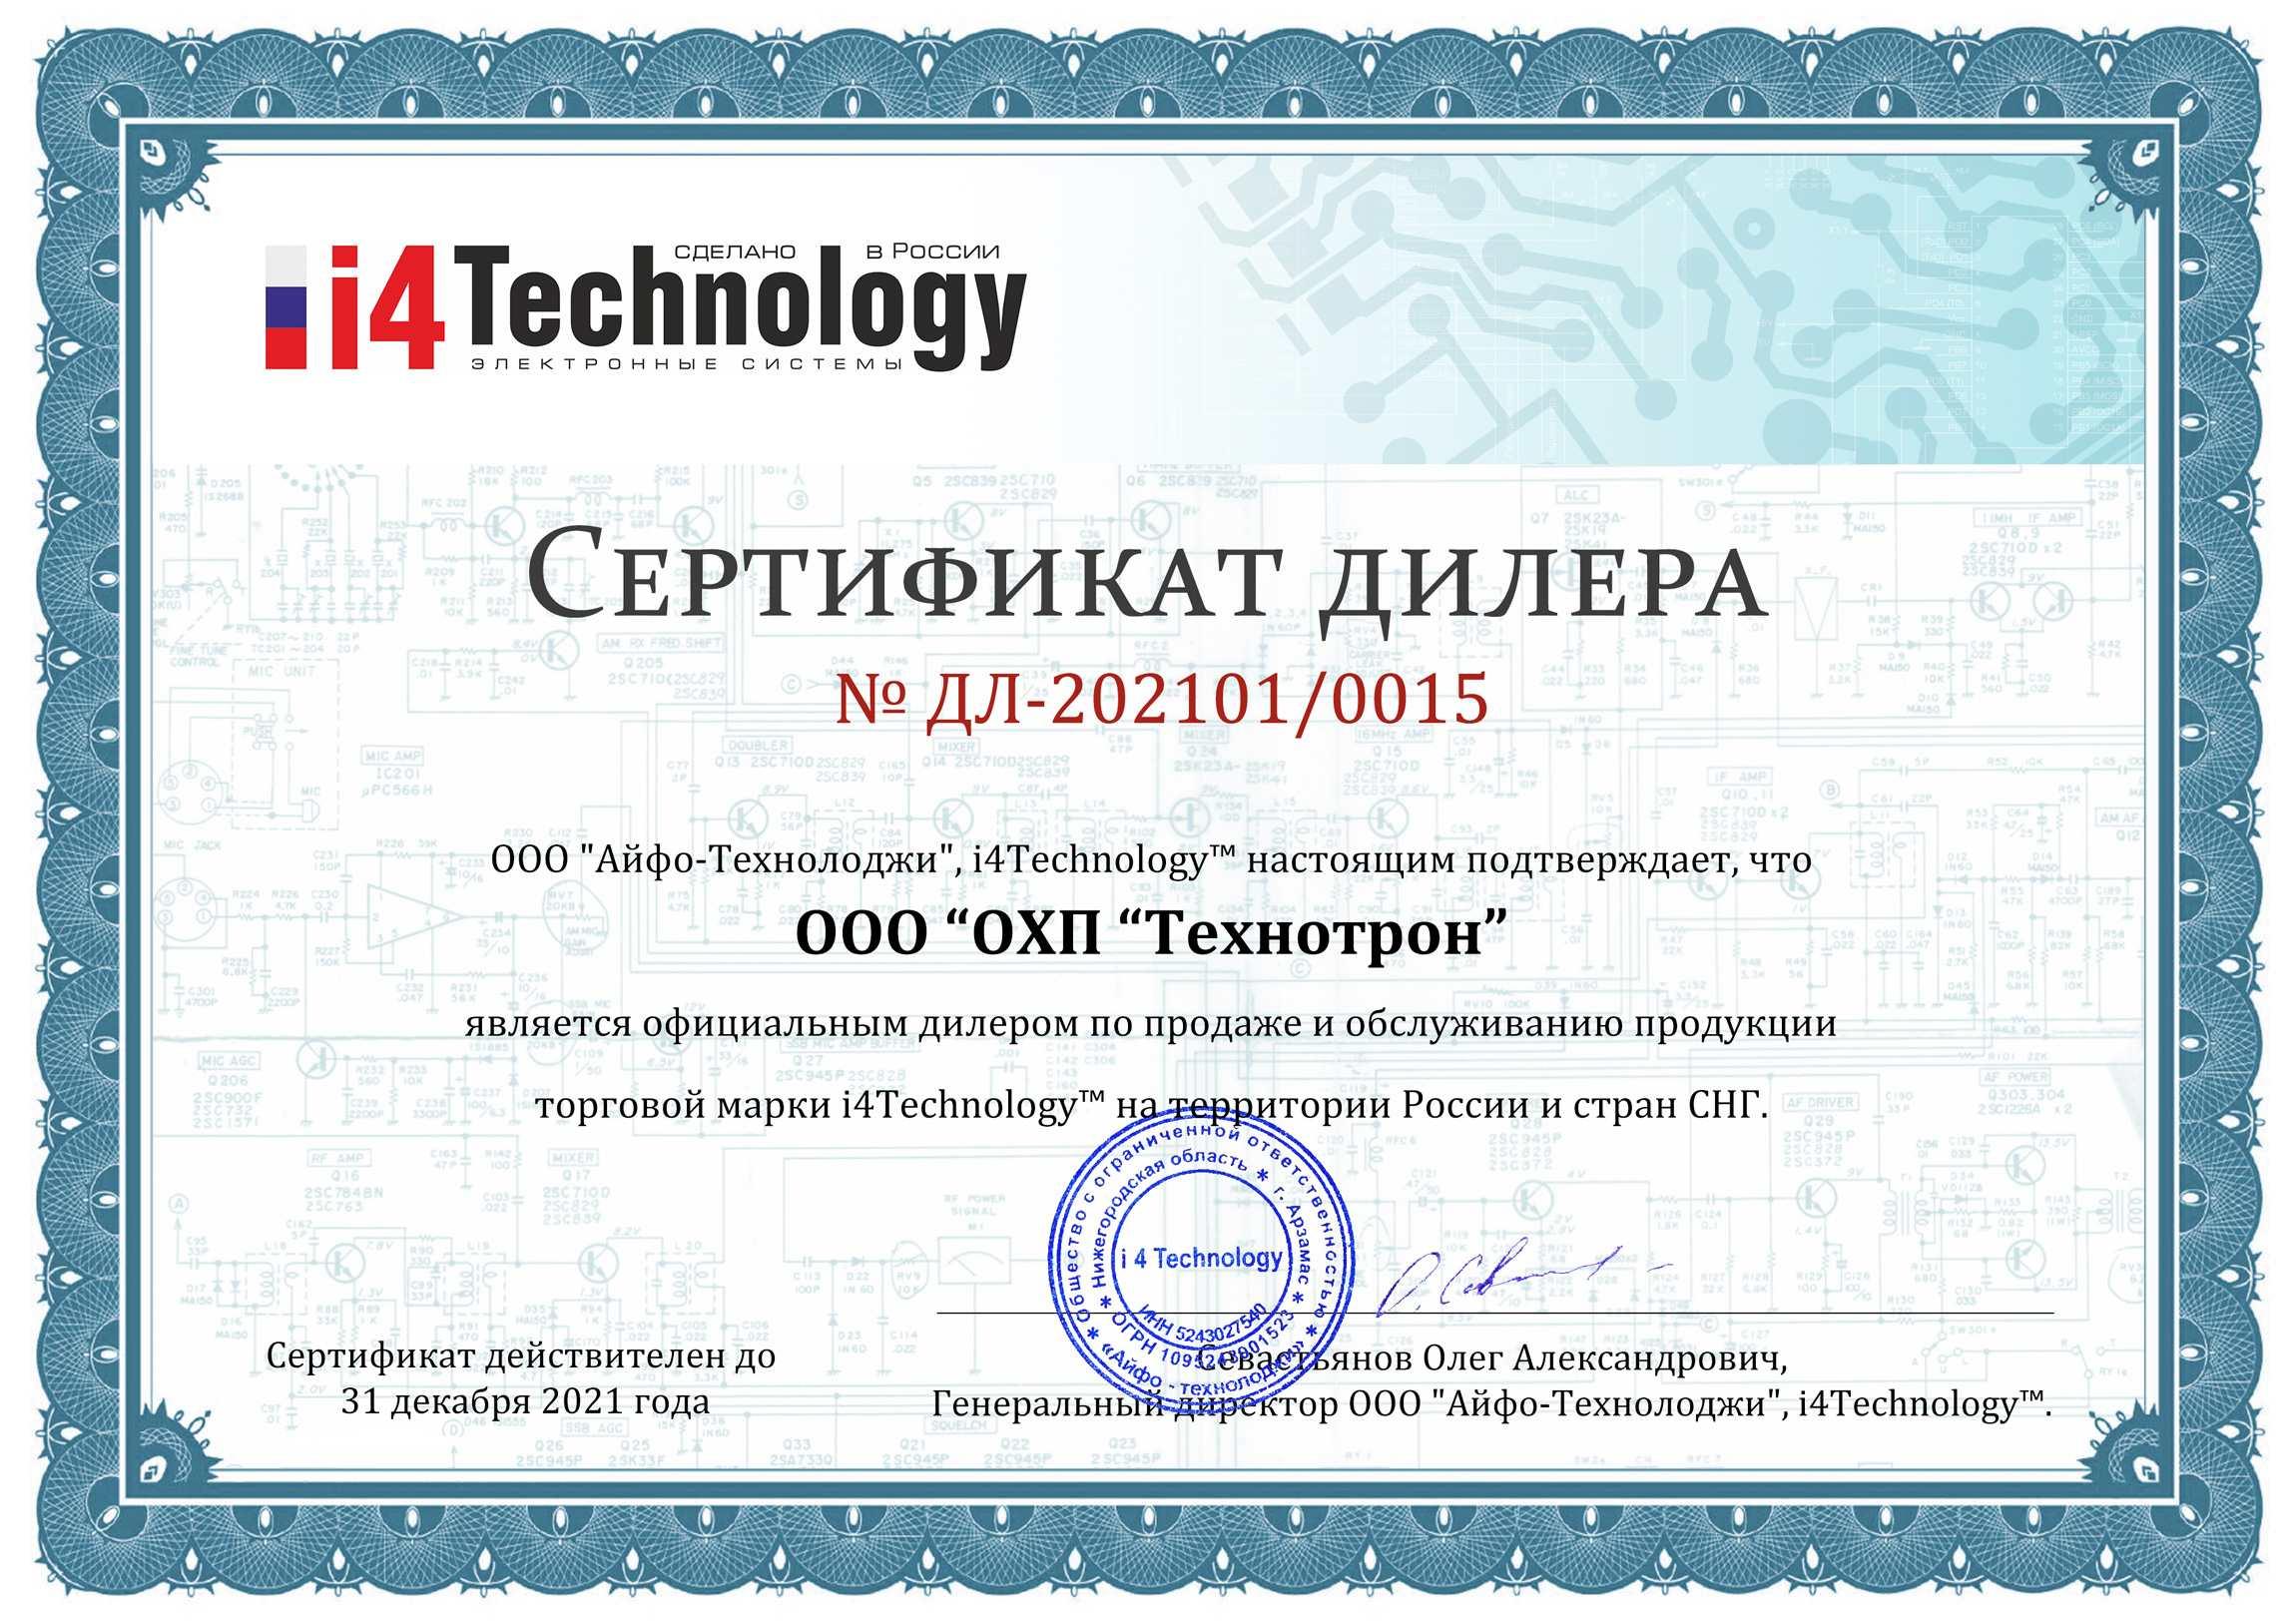 Сертификат официального дилера, предоставляющий нашему интернет-магазину право на продажу и обслуживание товаров под торговой маркой  i4Technology